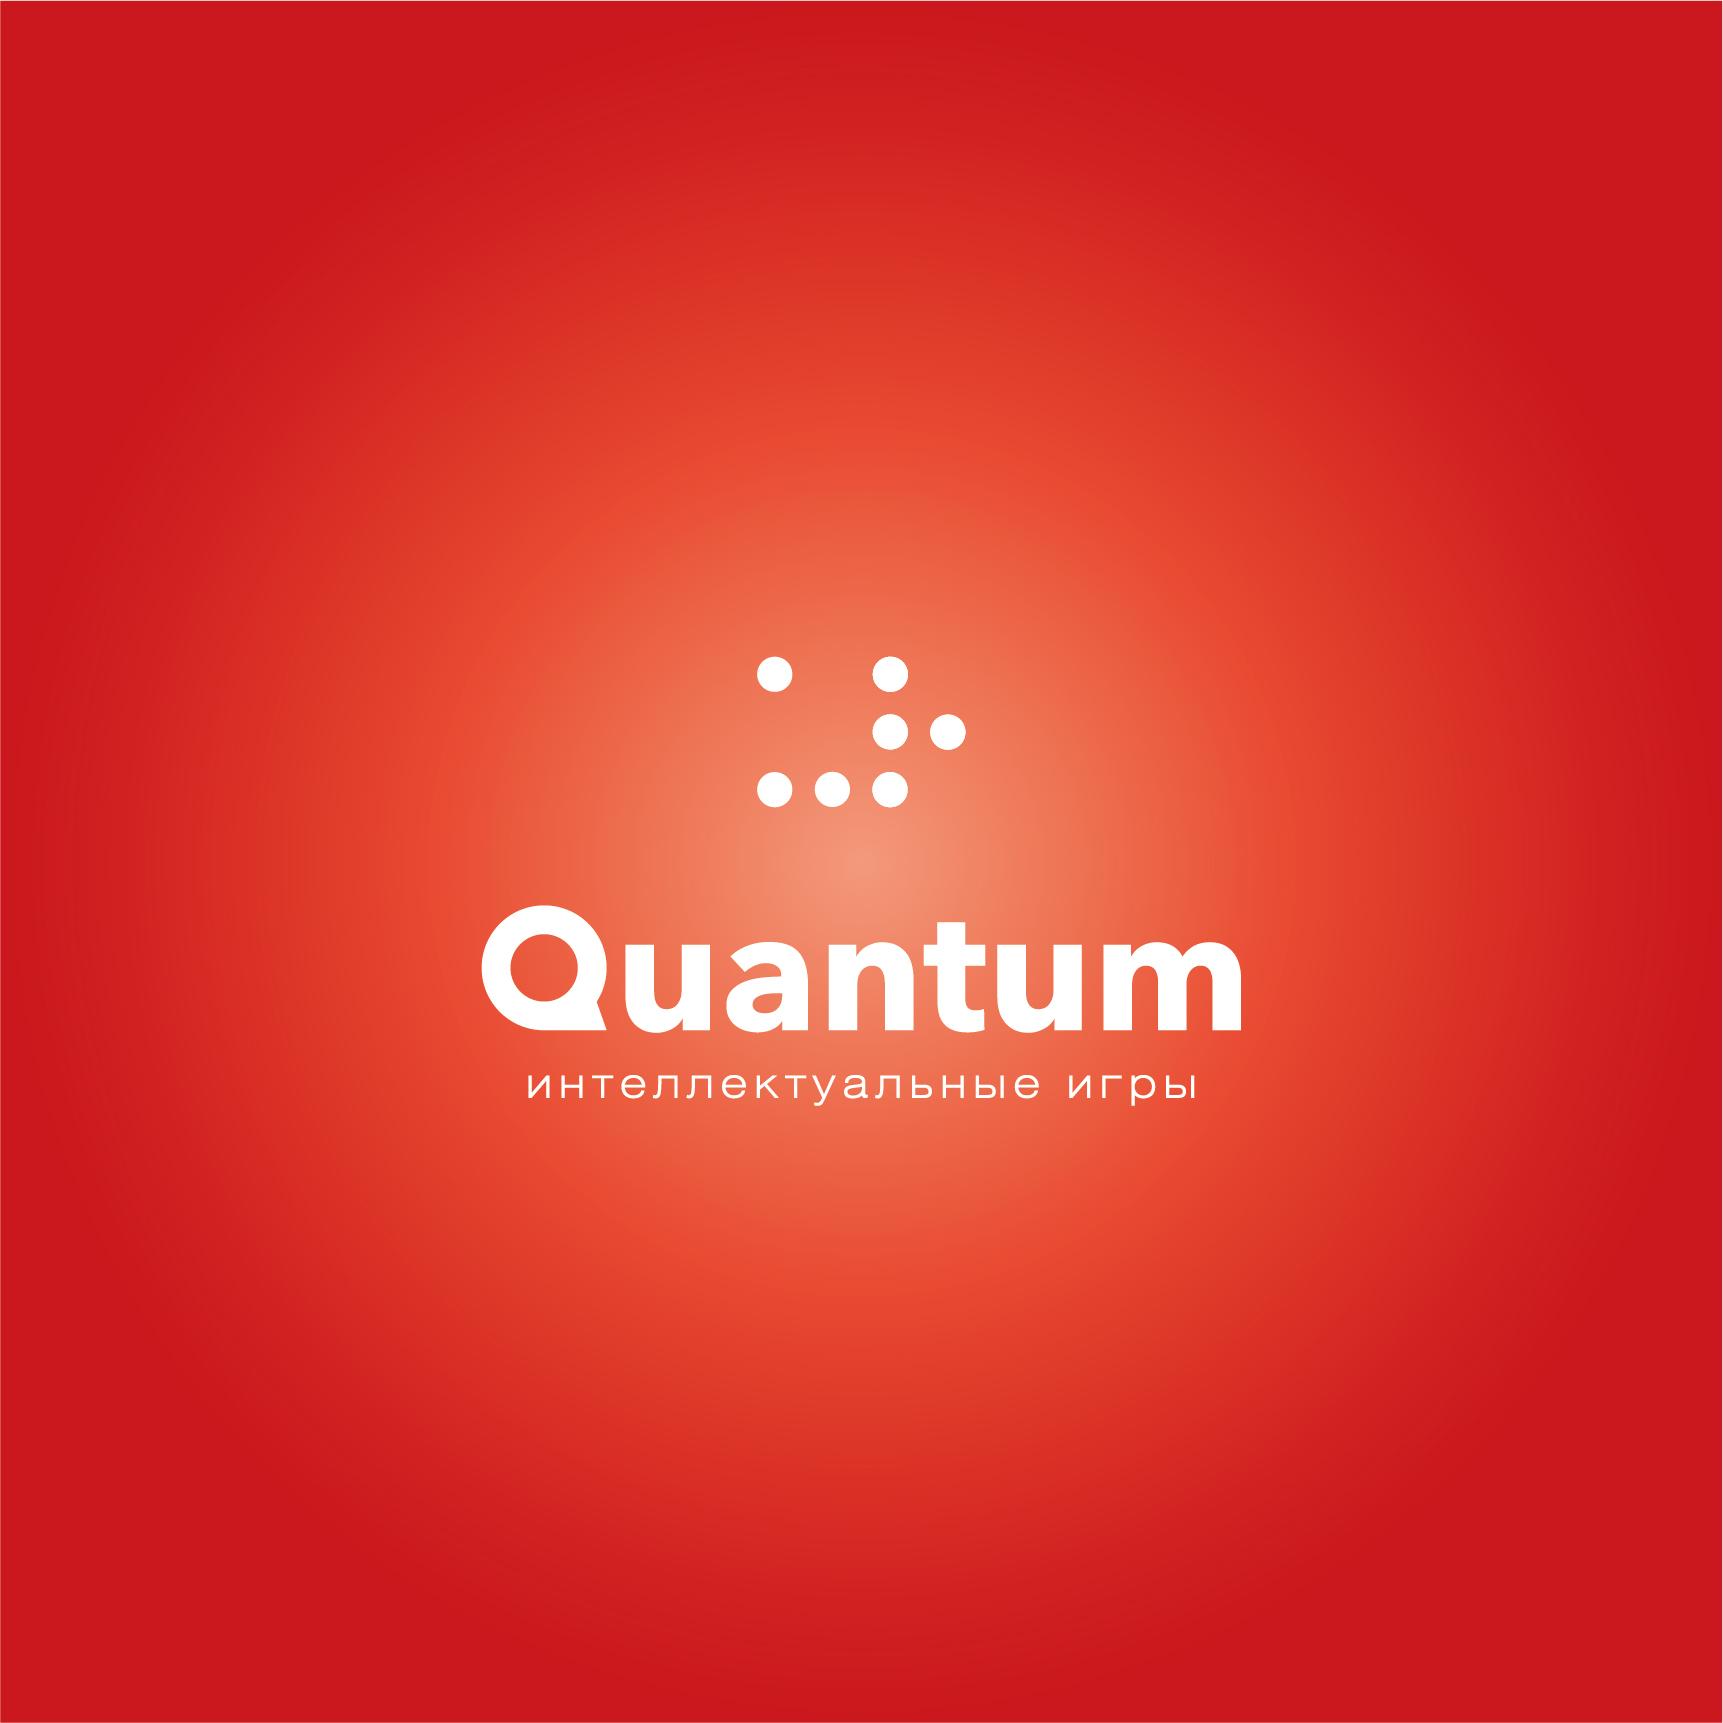 Редизайн логотипа бренда интеллектуальной игры фото f_7735bce25e09e0a7.jpg